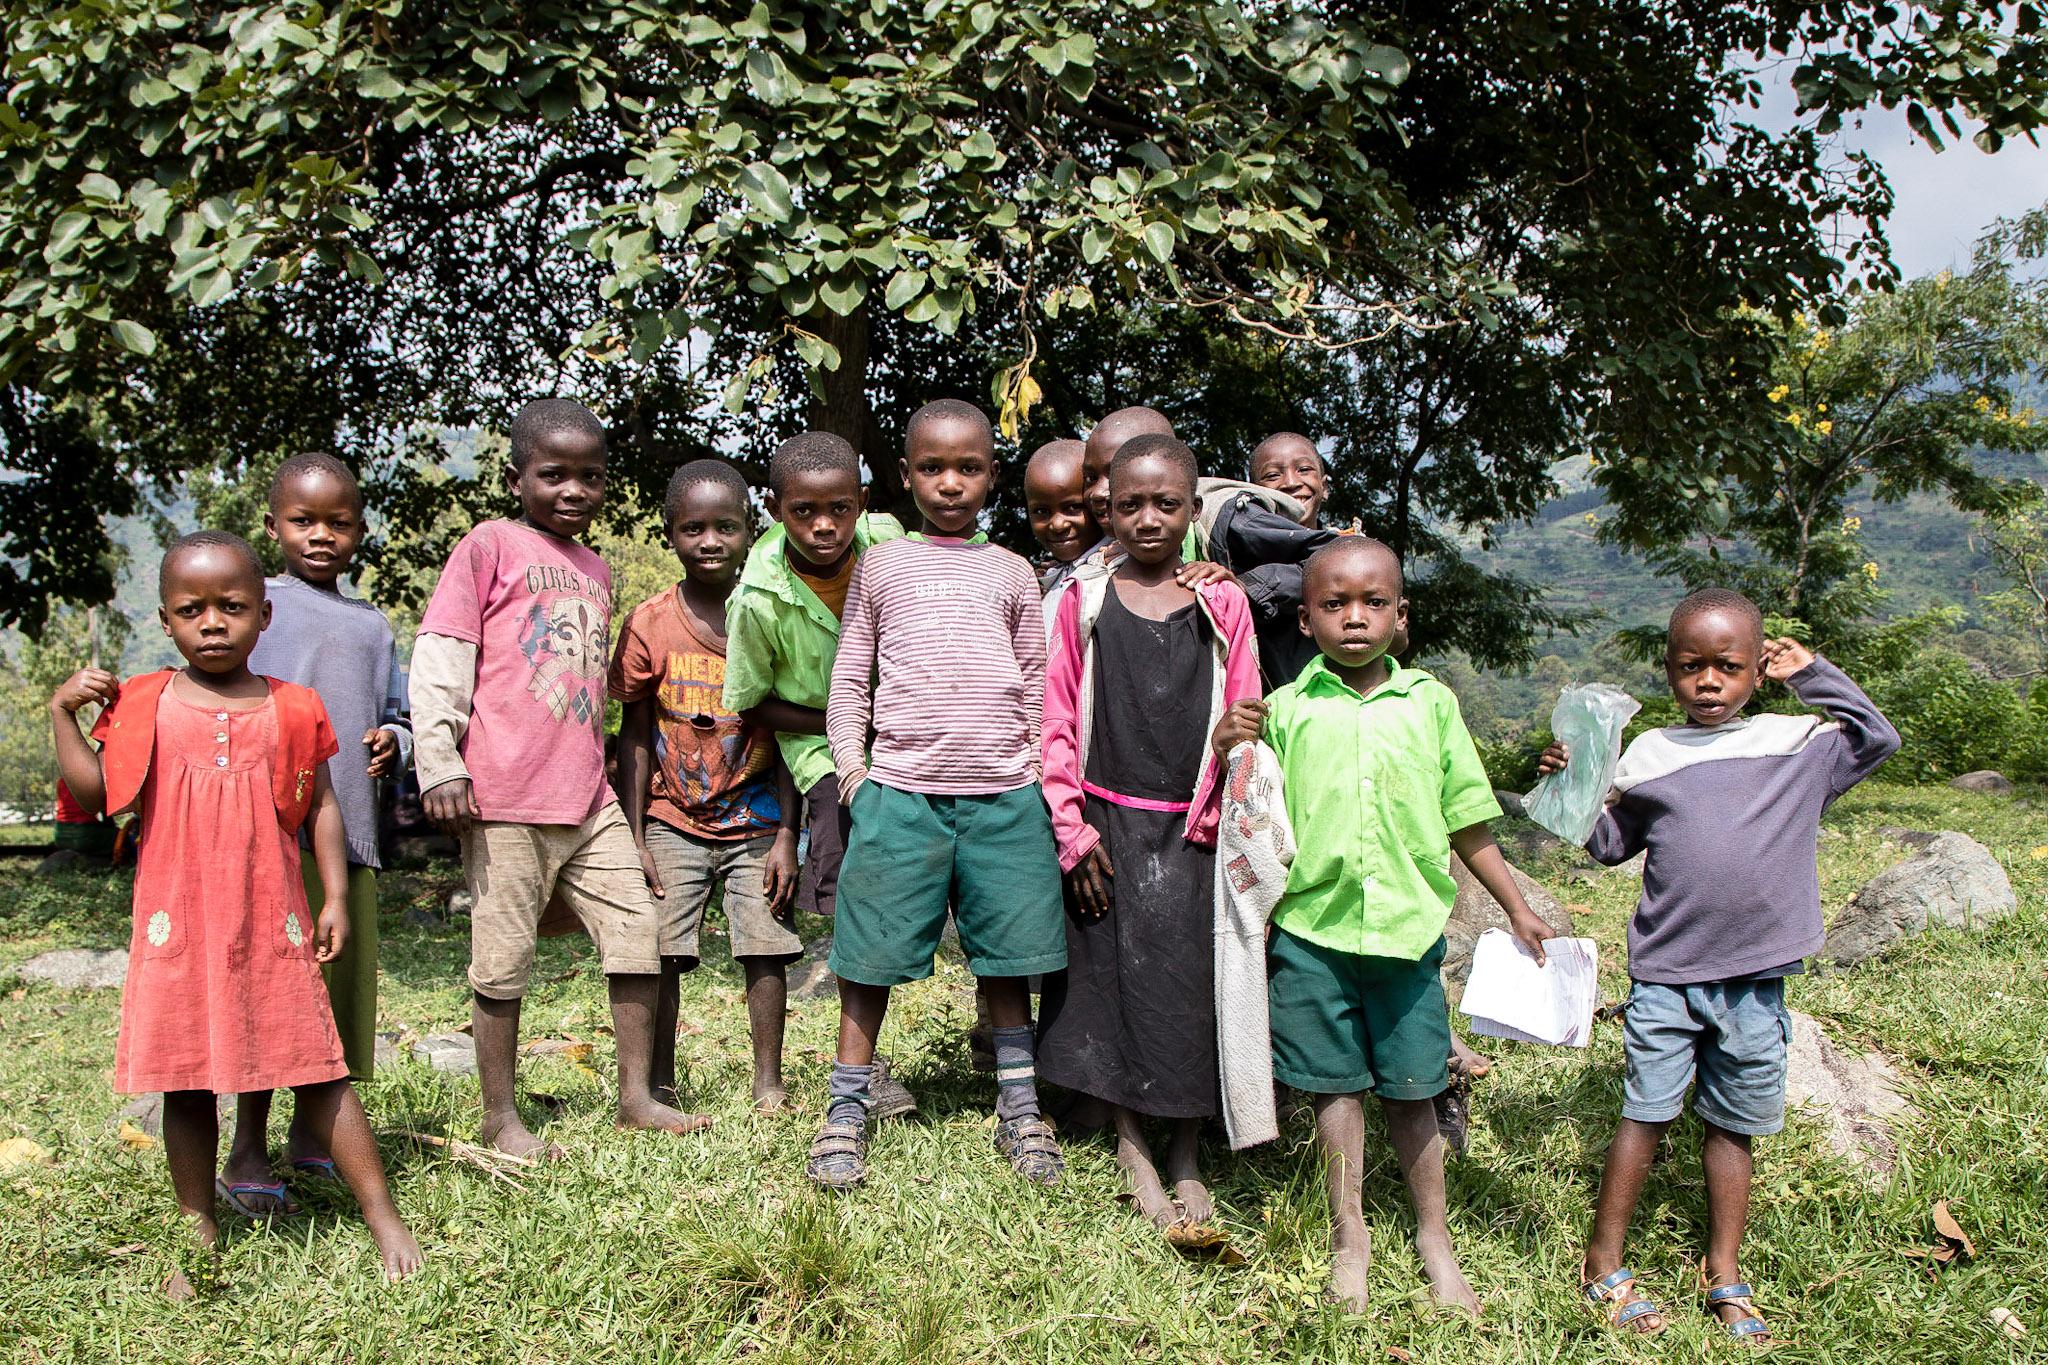 Adam Dickens 2017 - Deki Uganda - Bikone Young Mothers - General 2.jpg